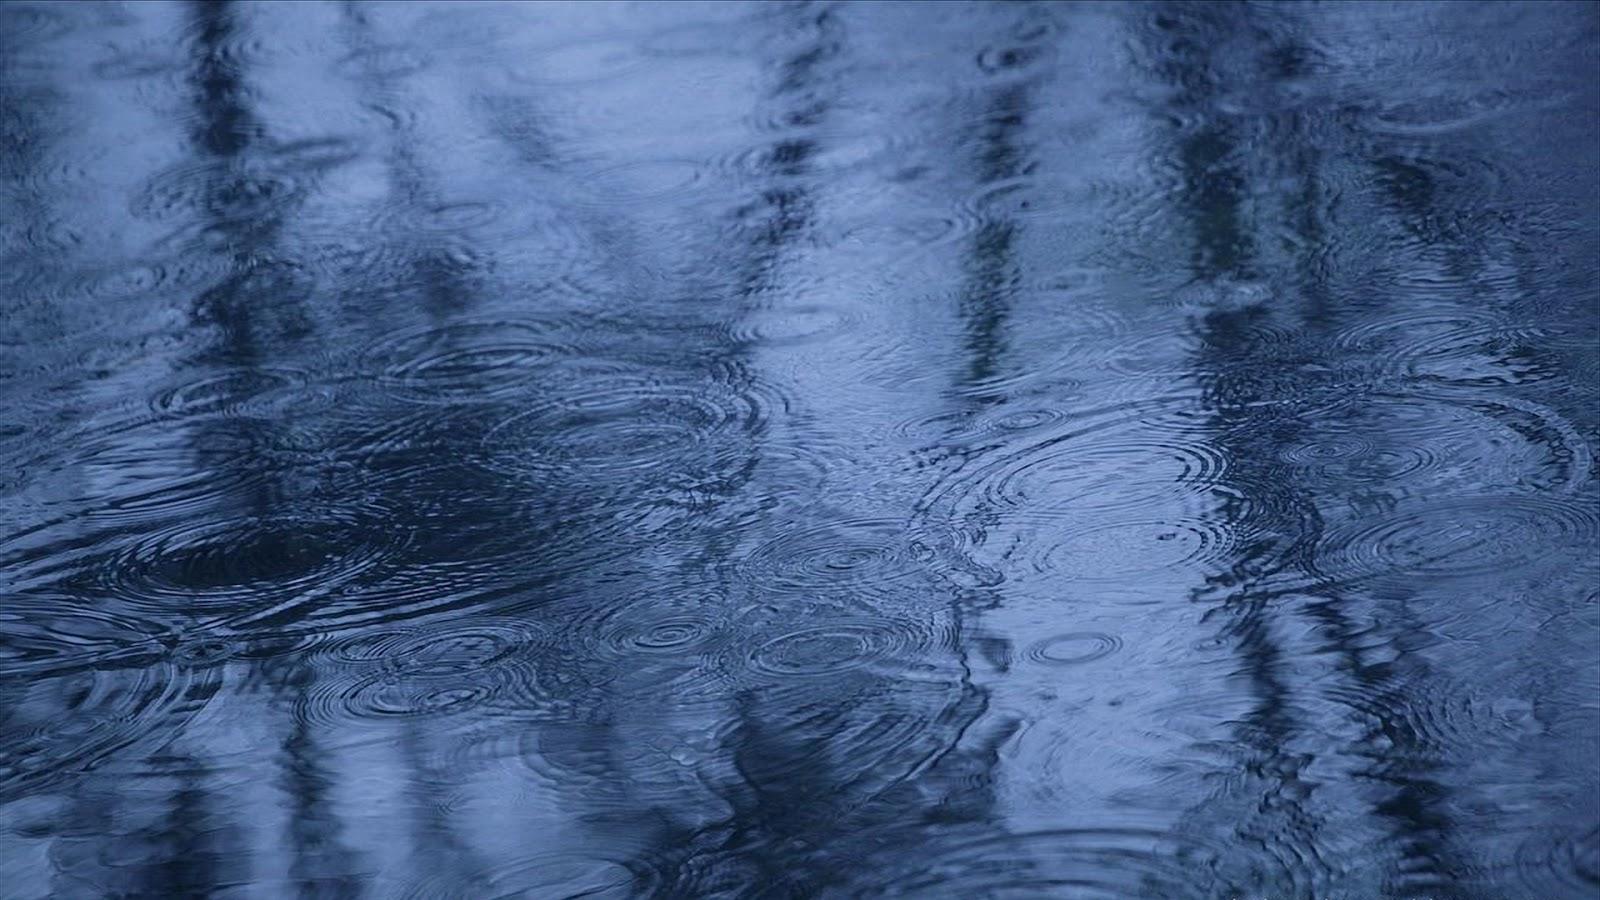 rainy day 4k wallpaper - photo #41